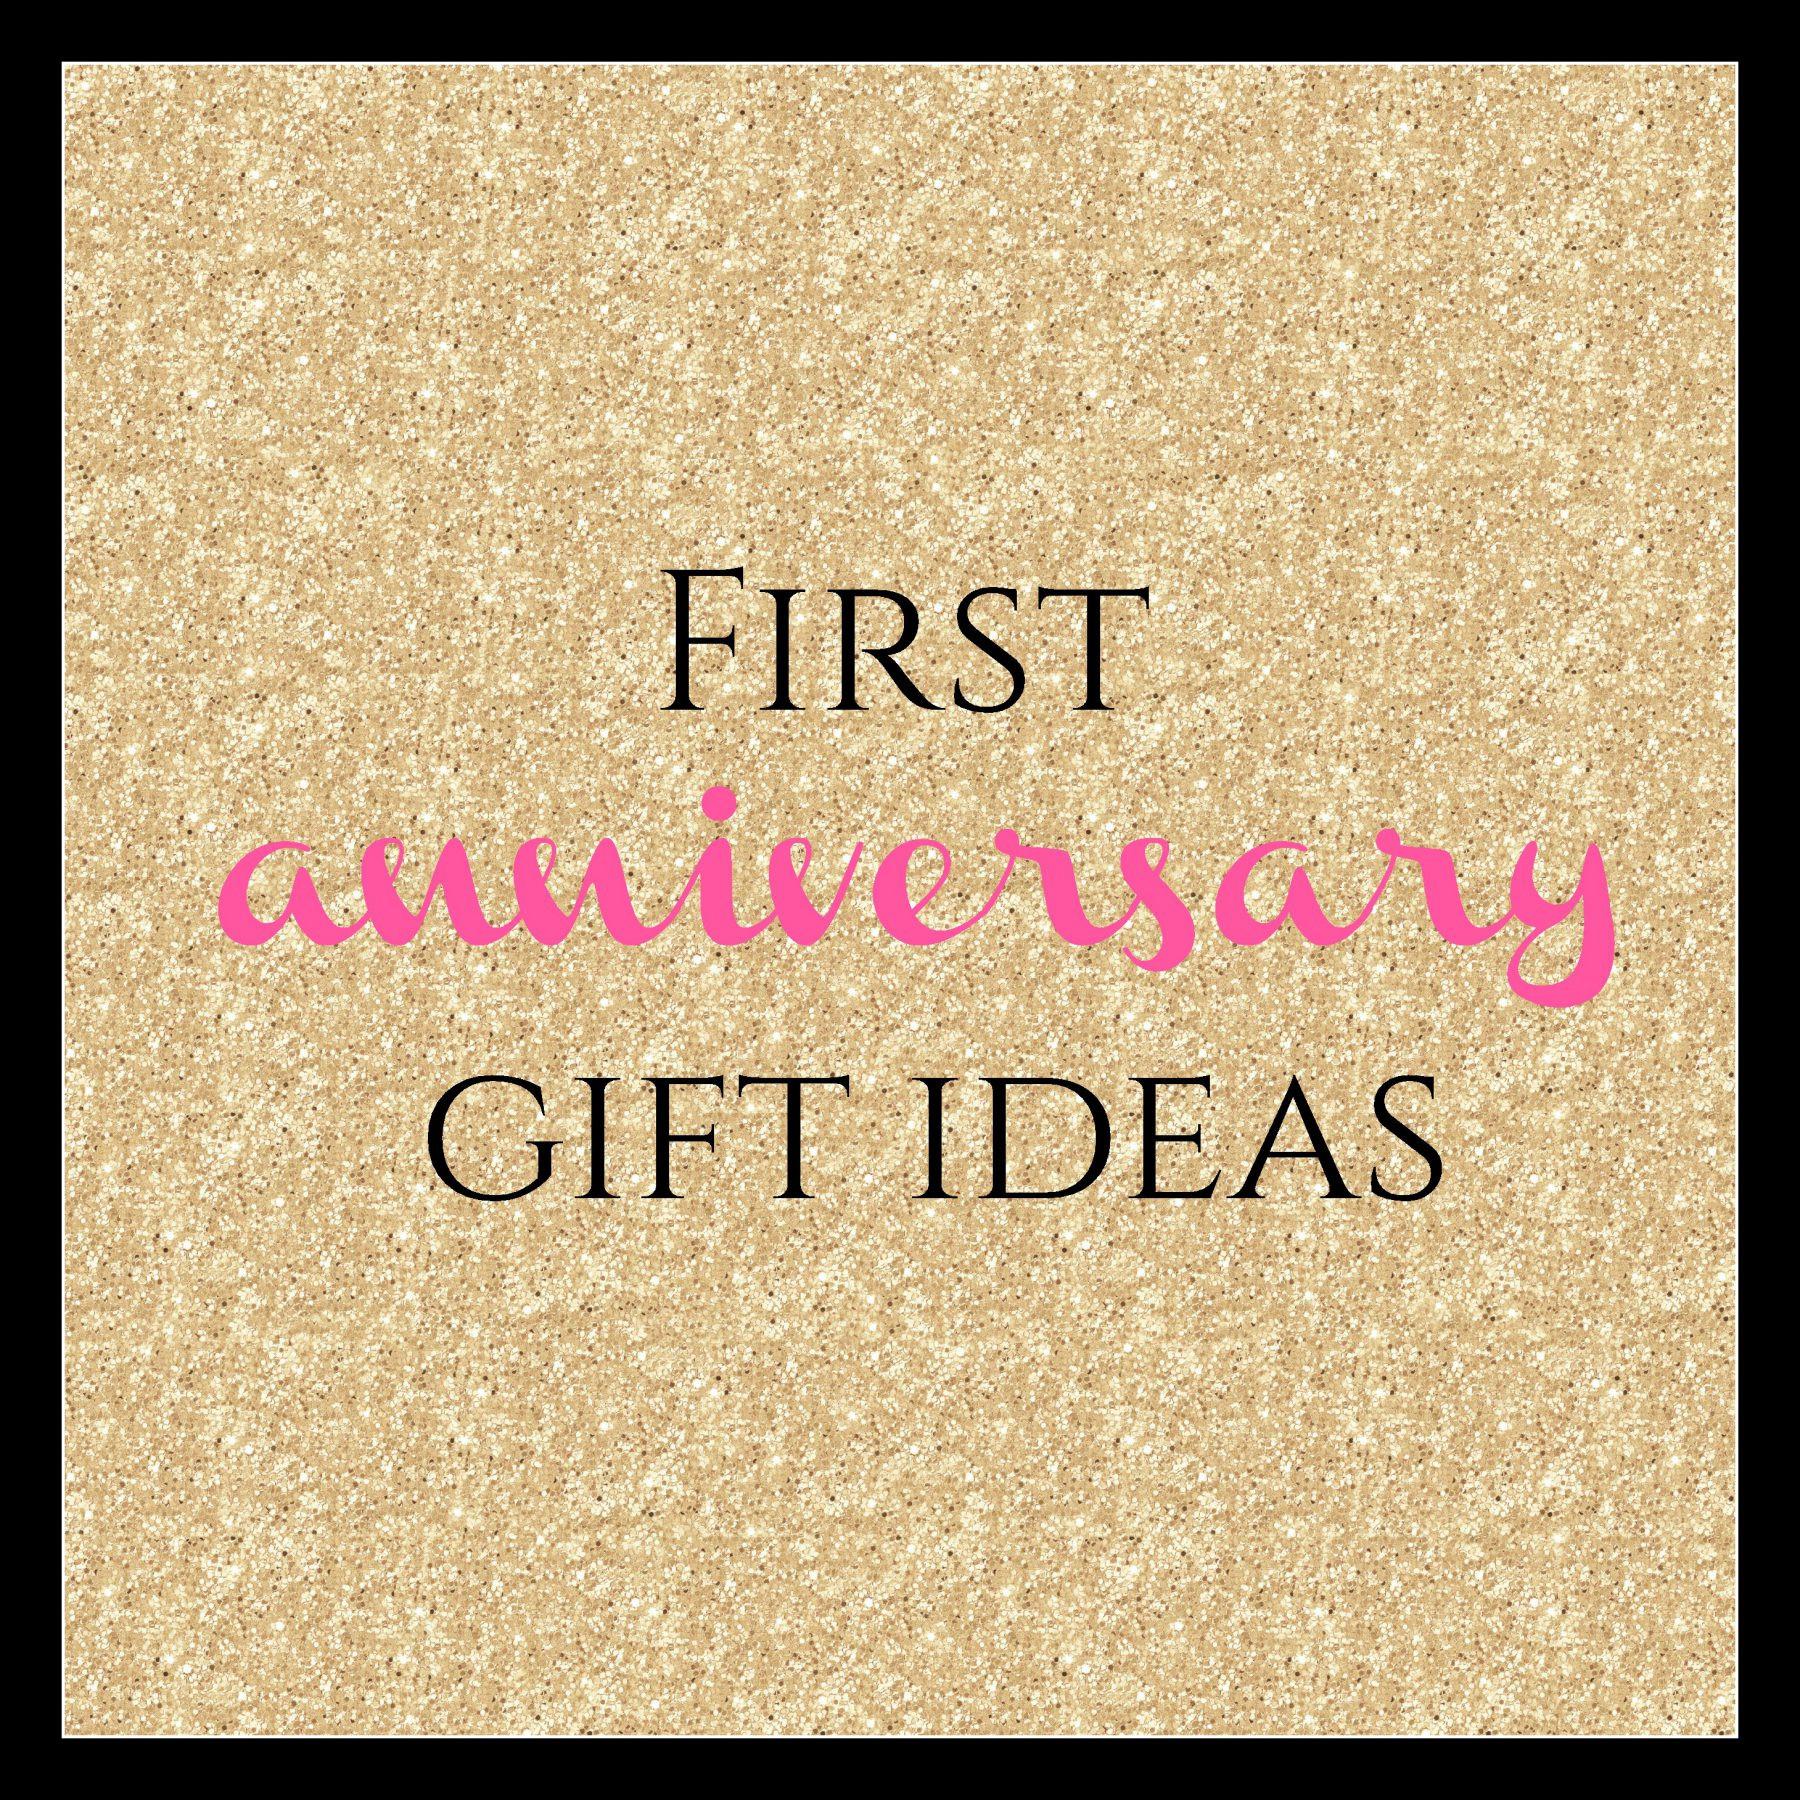 Best ideas about First Wedding Anniversary Gift Ideas . Save or Pin First Anniversary Gift Ideas Burgh Brides Now.